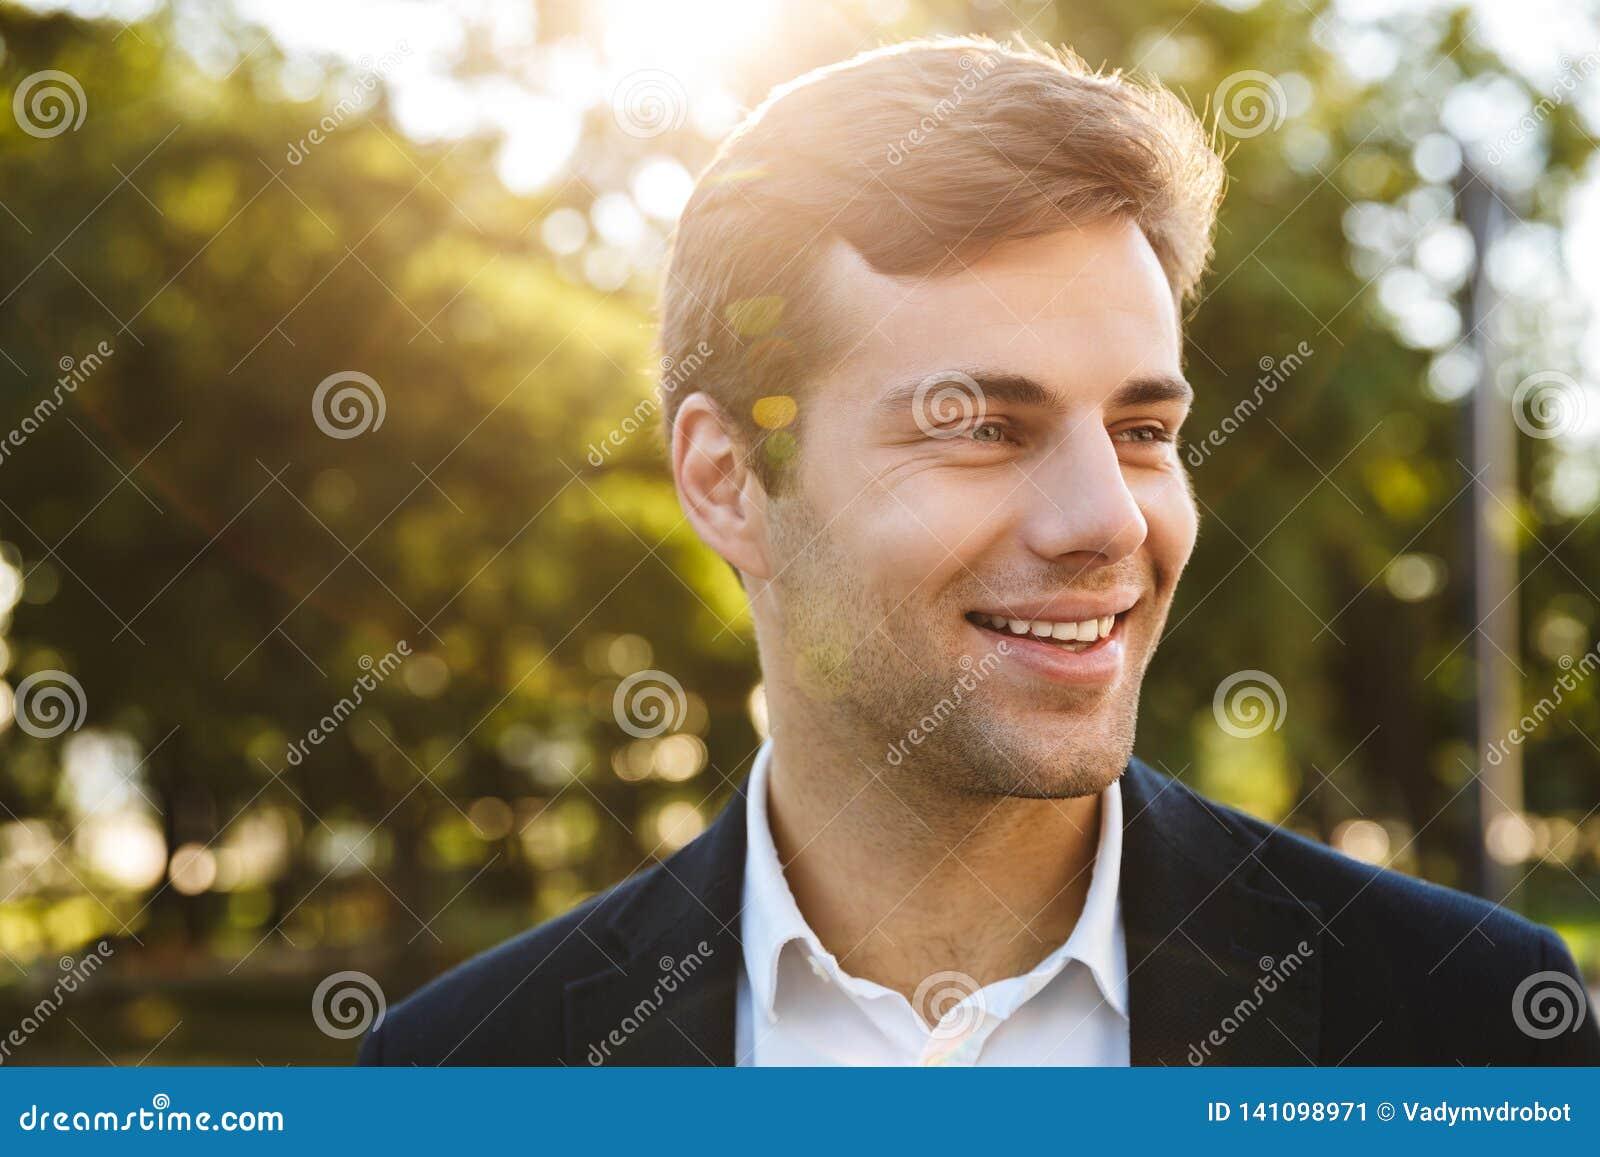 Κλείστε επάνω ενός περπατήματος επιχειρησιακών ατόμων χαμόγελου νέου